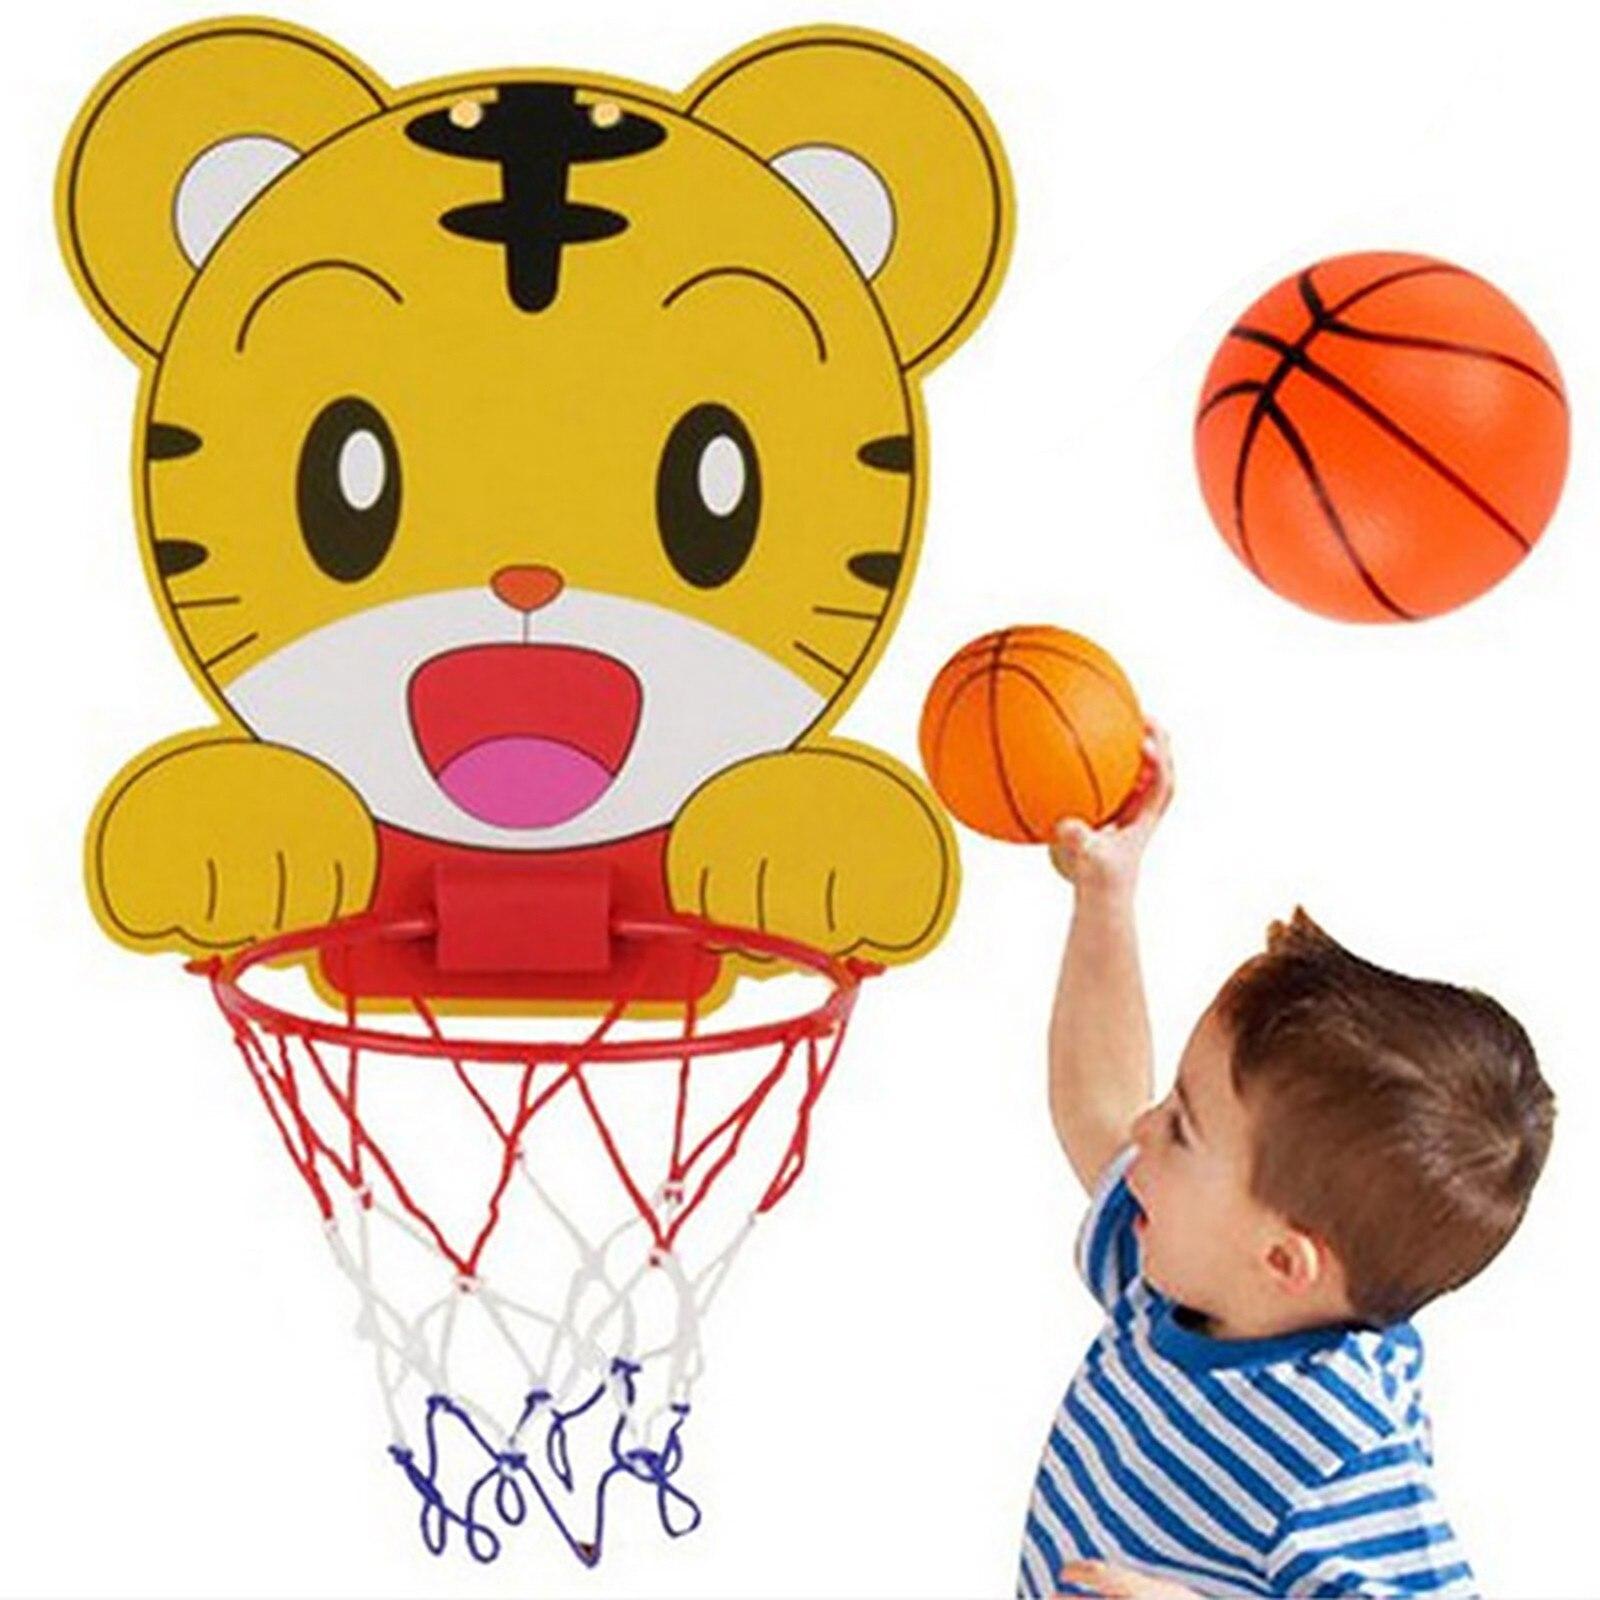 Детская баскетбольная рама для игры в помещении с изображением тигра, рама для стрельбы, детский подъемный висячий мяч, игрушка для стрельбы|Спортивные игры|   | АлиЭкспресс